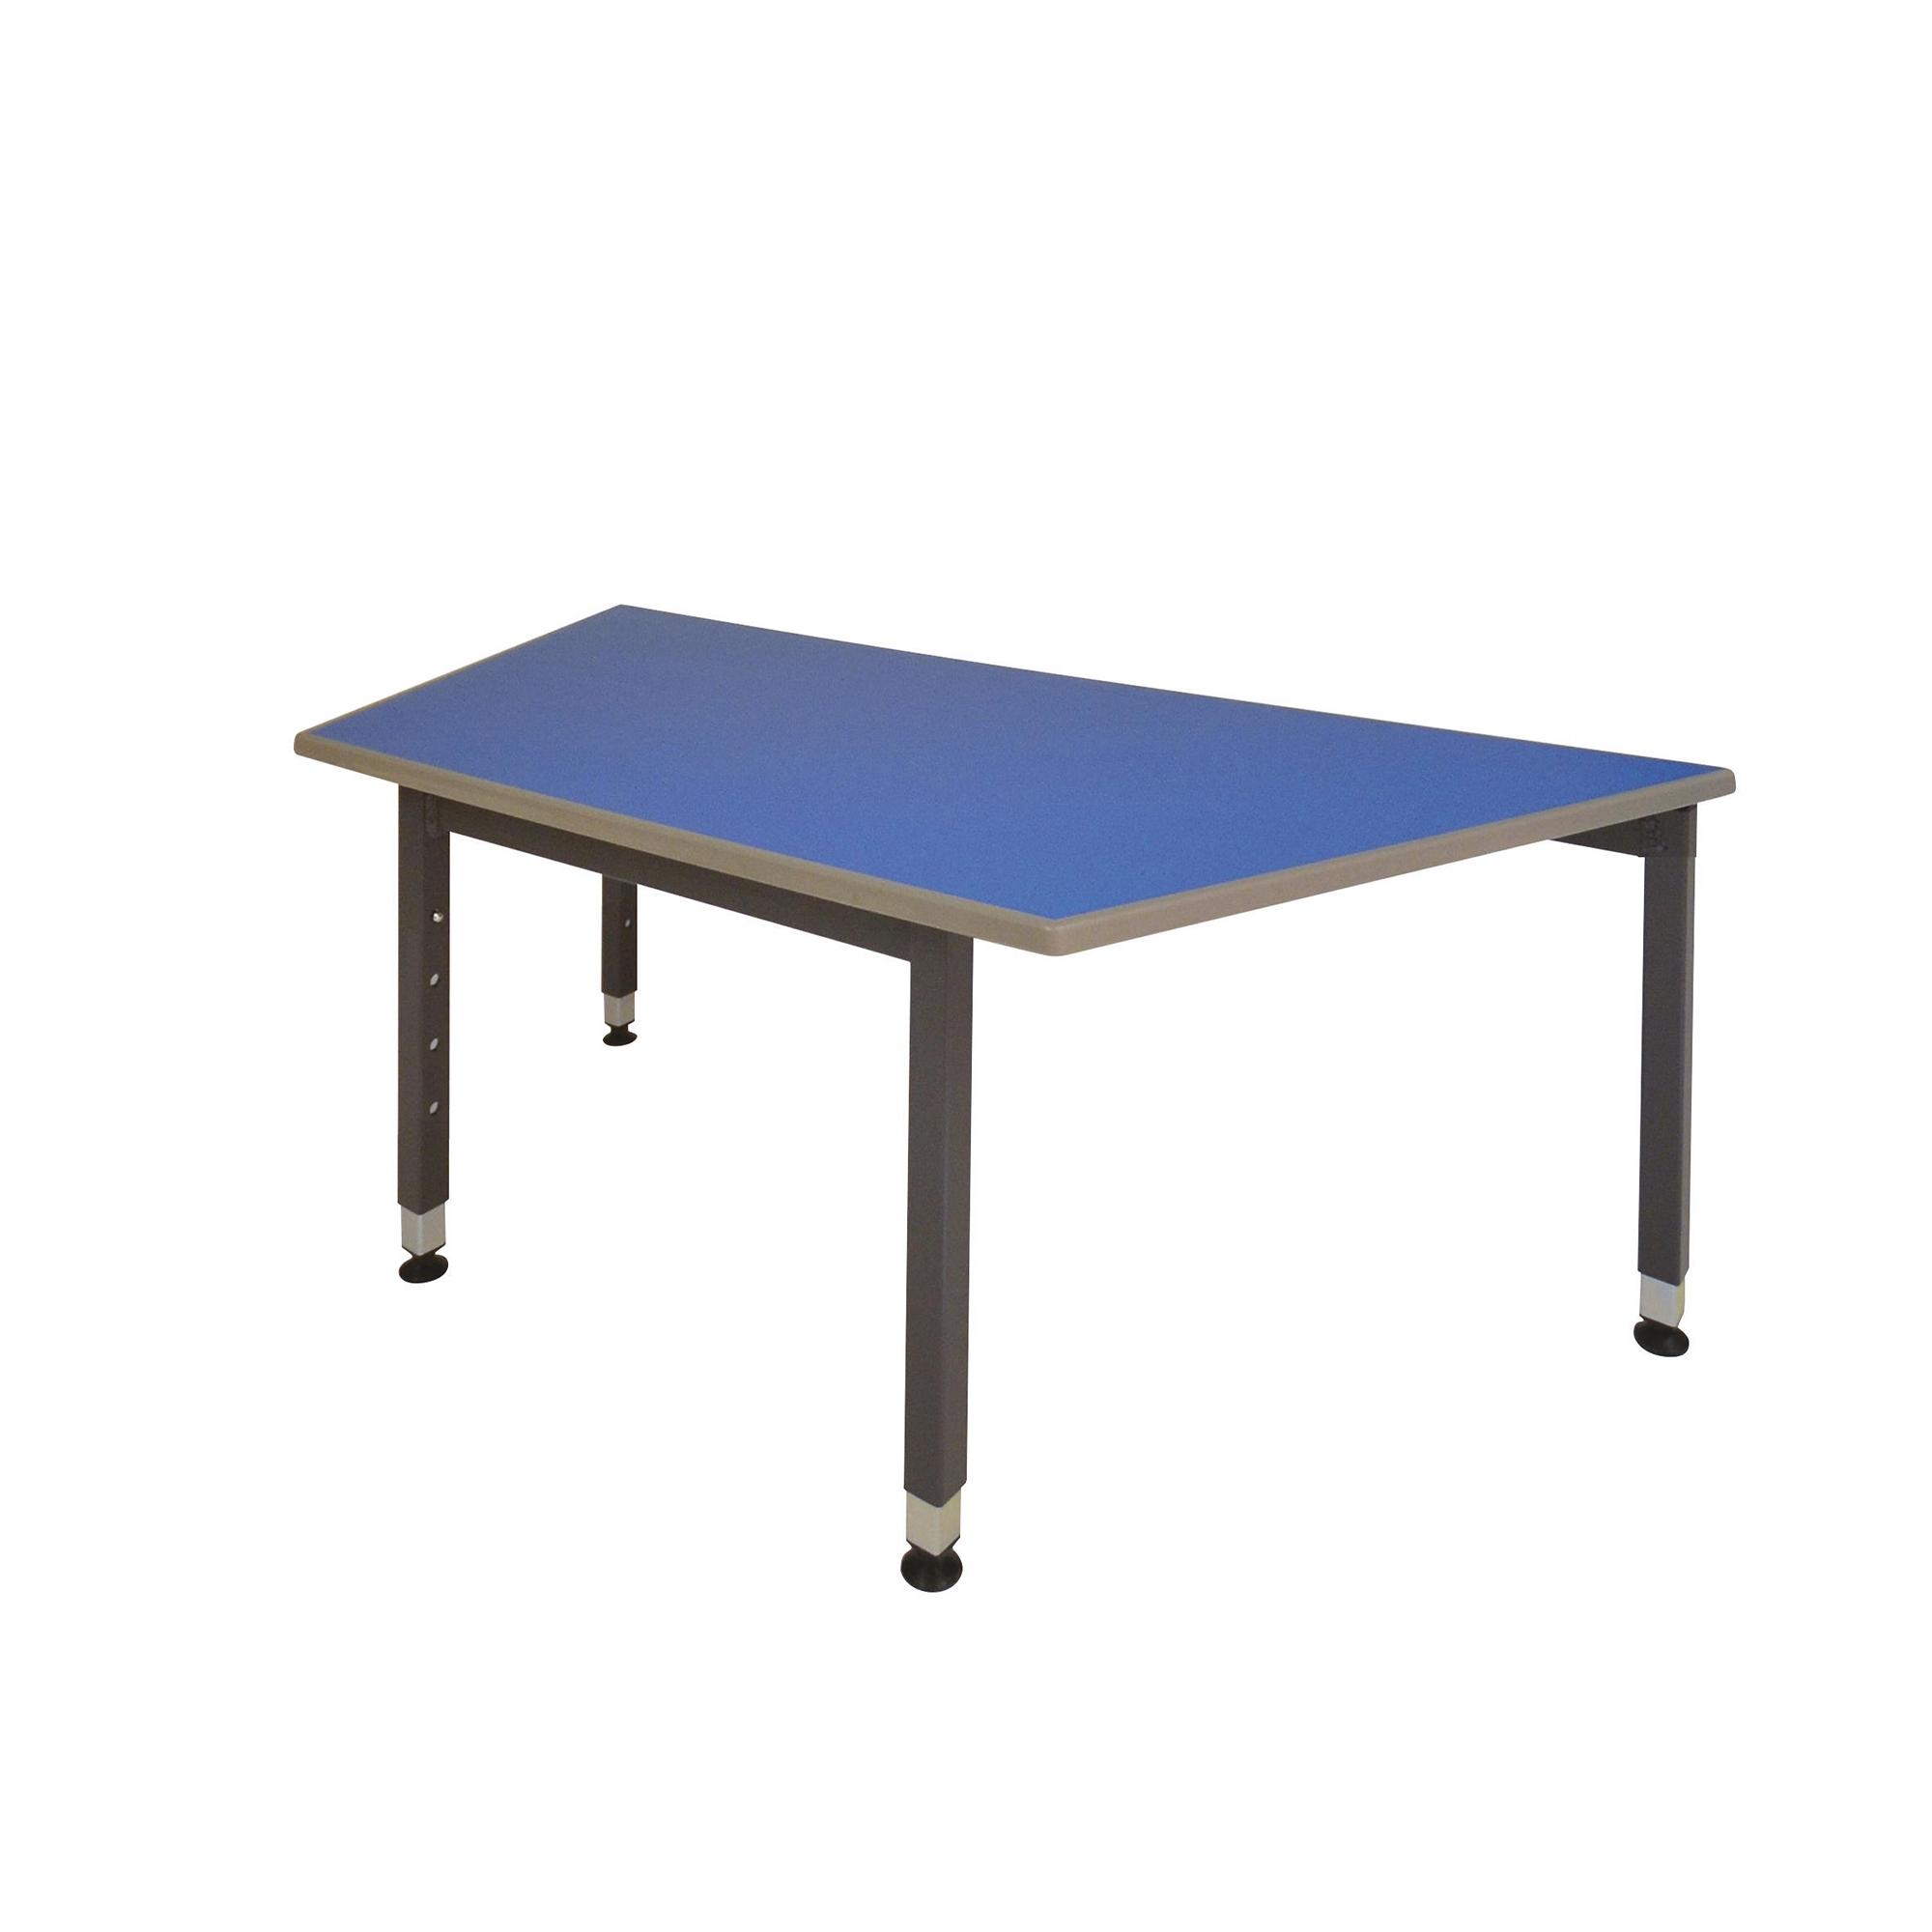 Table Trapezoidal Grey Frame Beech Top